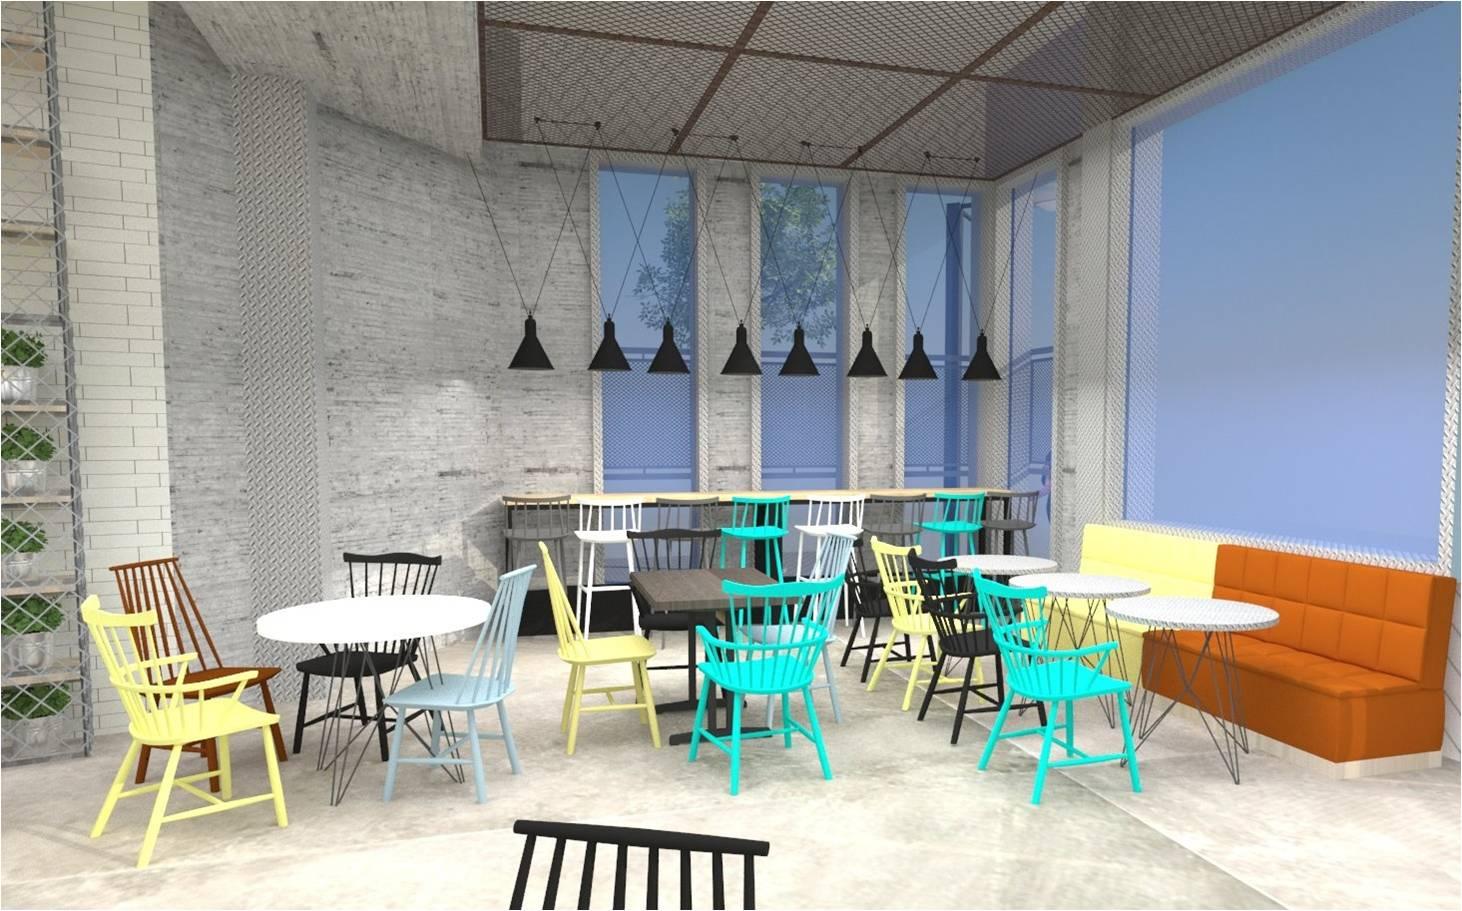 Dise o de interiores escuela de arte de motril cafeter a Escuela arte 4 diseno de interiores